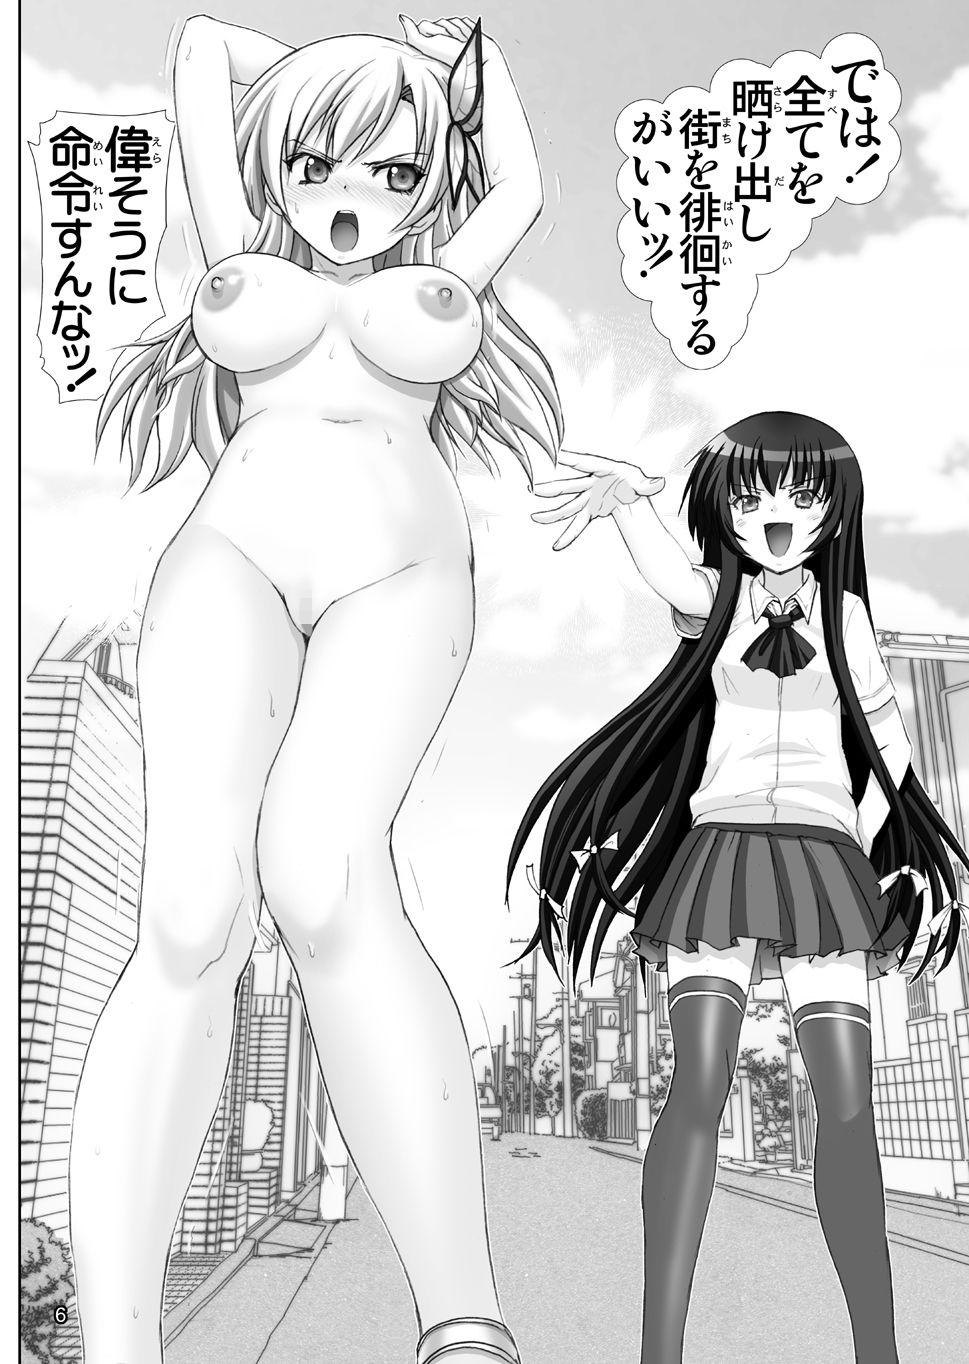 巨乳少女・白昼全裸露出!星奈の淫戯 【作品ネタバレ】